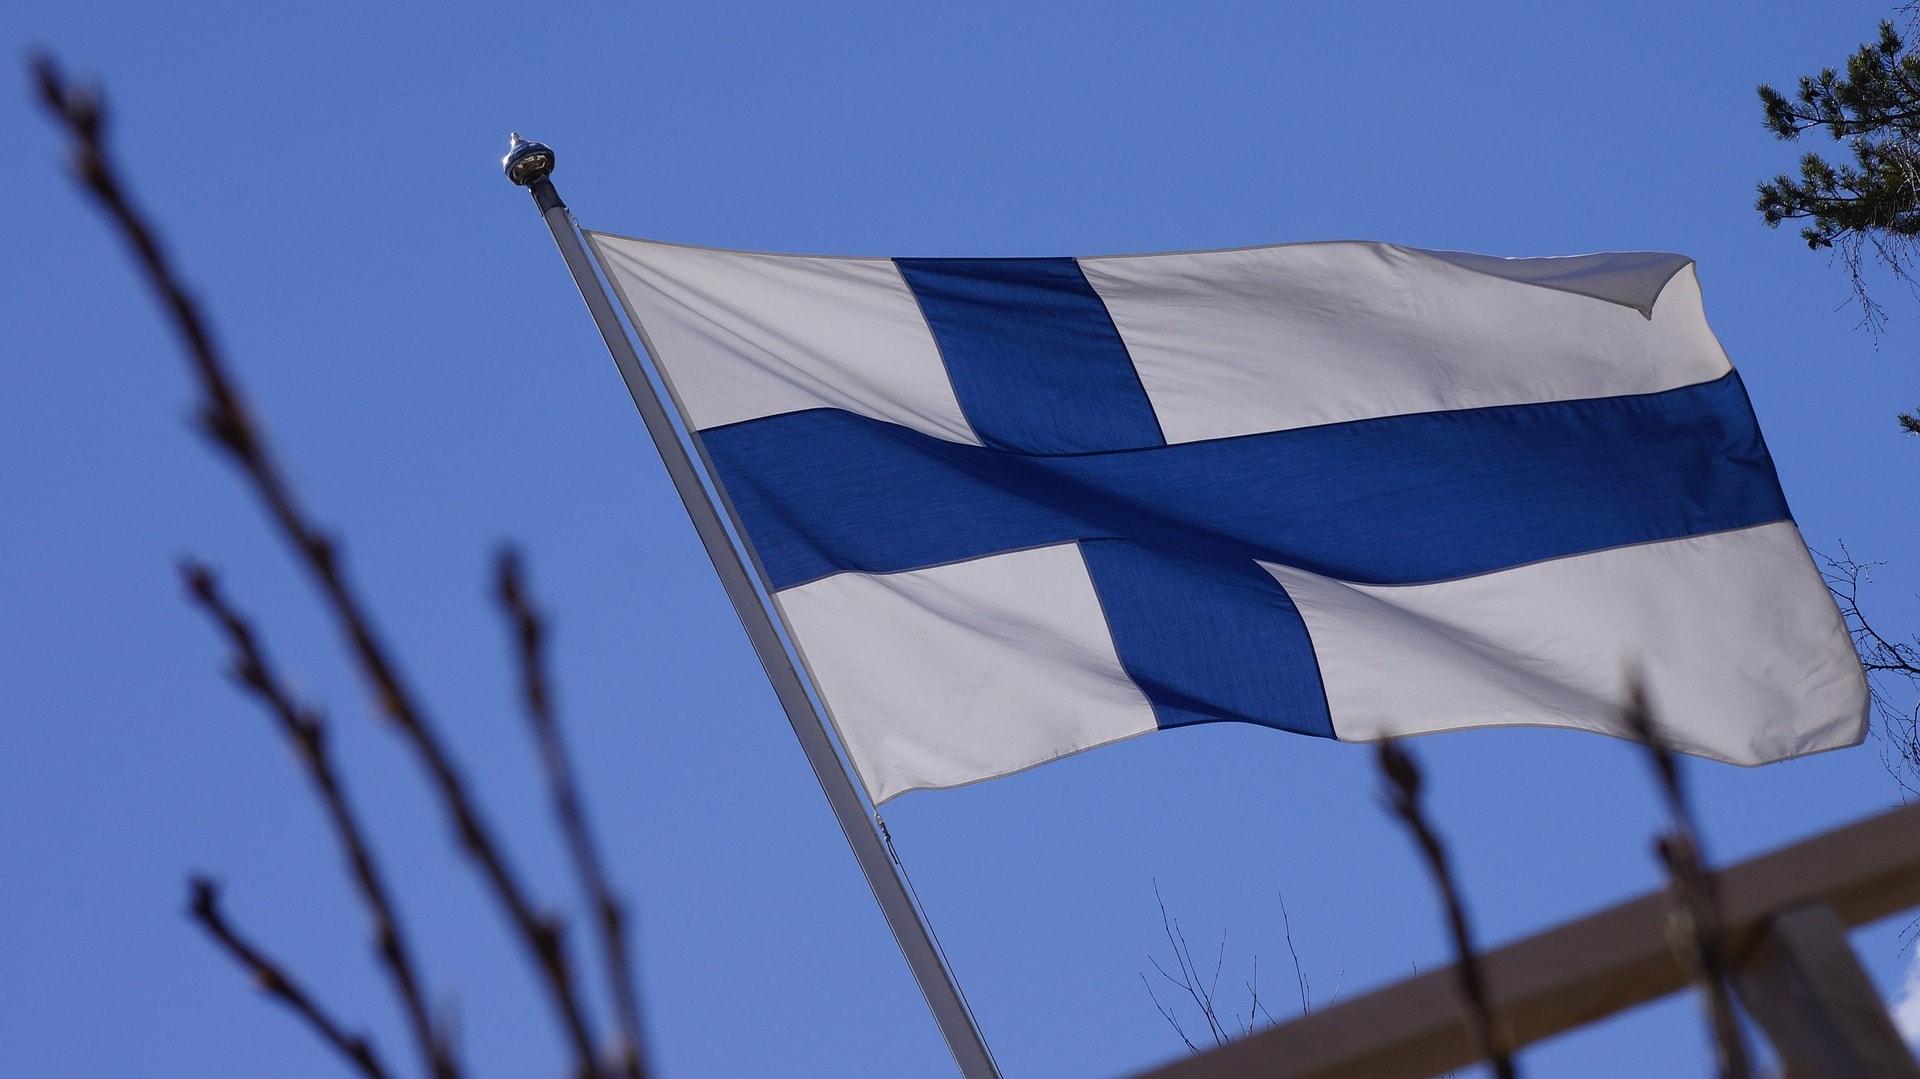 Die Finnische Flagge vor blauem Himmel.